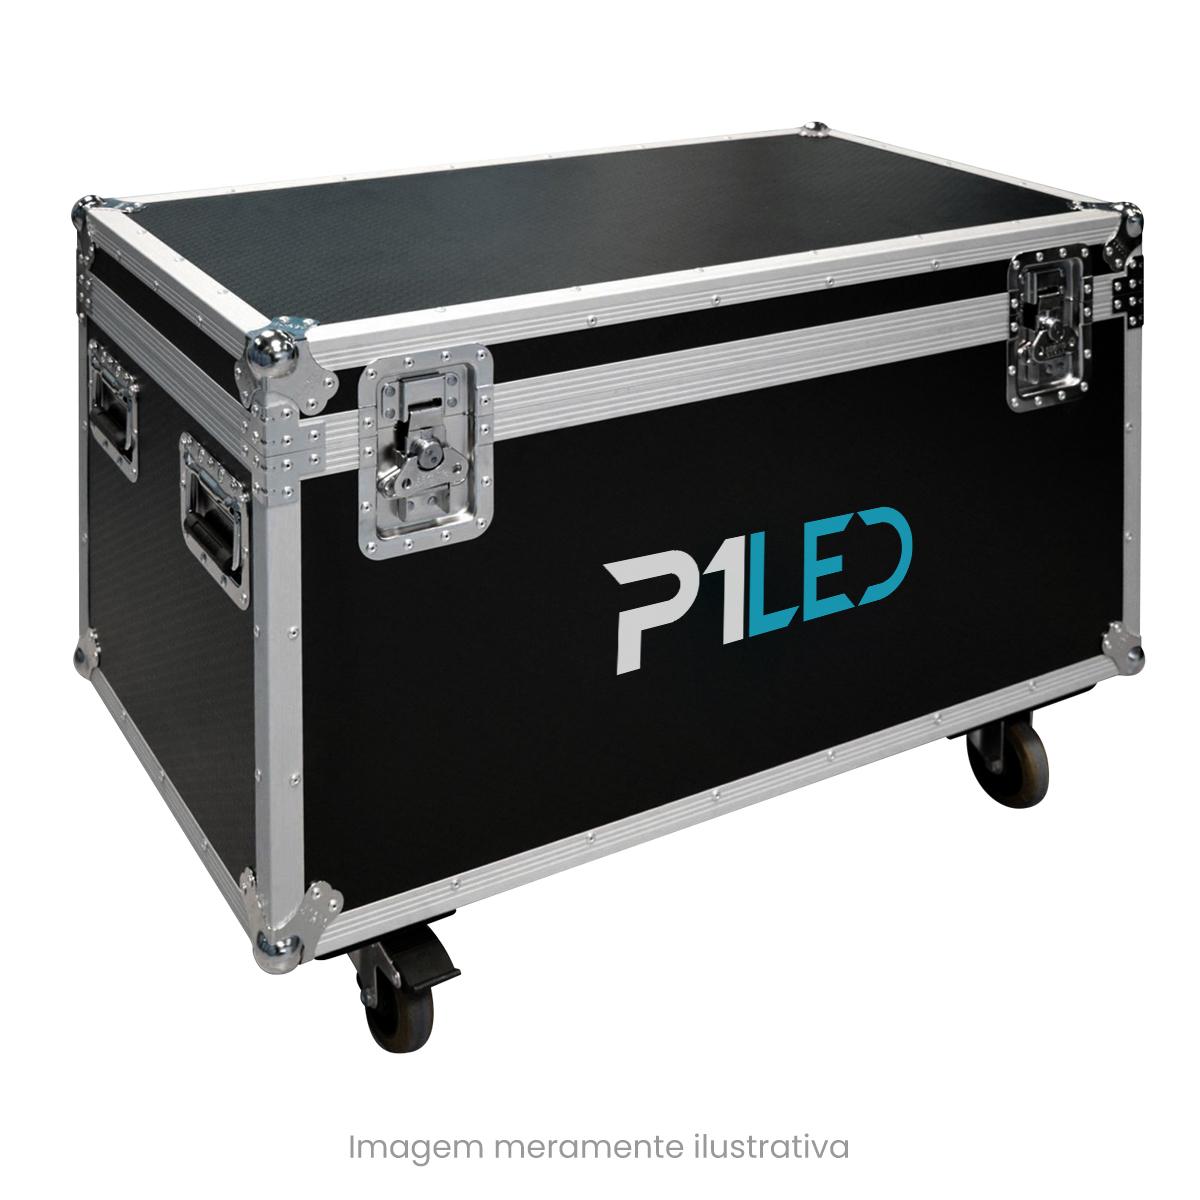 Painel de LED para Construtoras 3,84 x 1,92 - Telão P5 Outdoor  - Painel e Telão de LED - O Melhor Preço em Painel de LED   P1LED